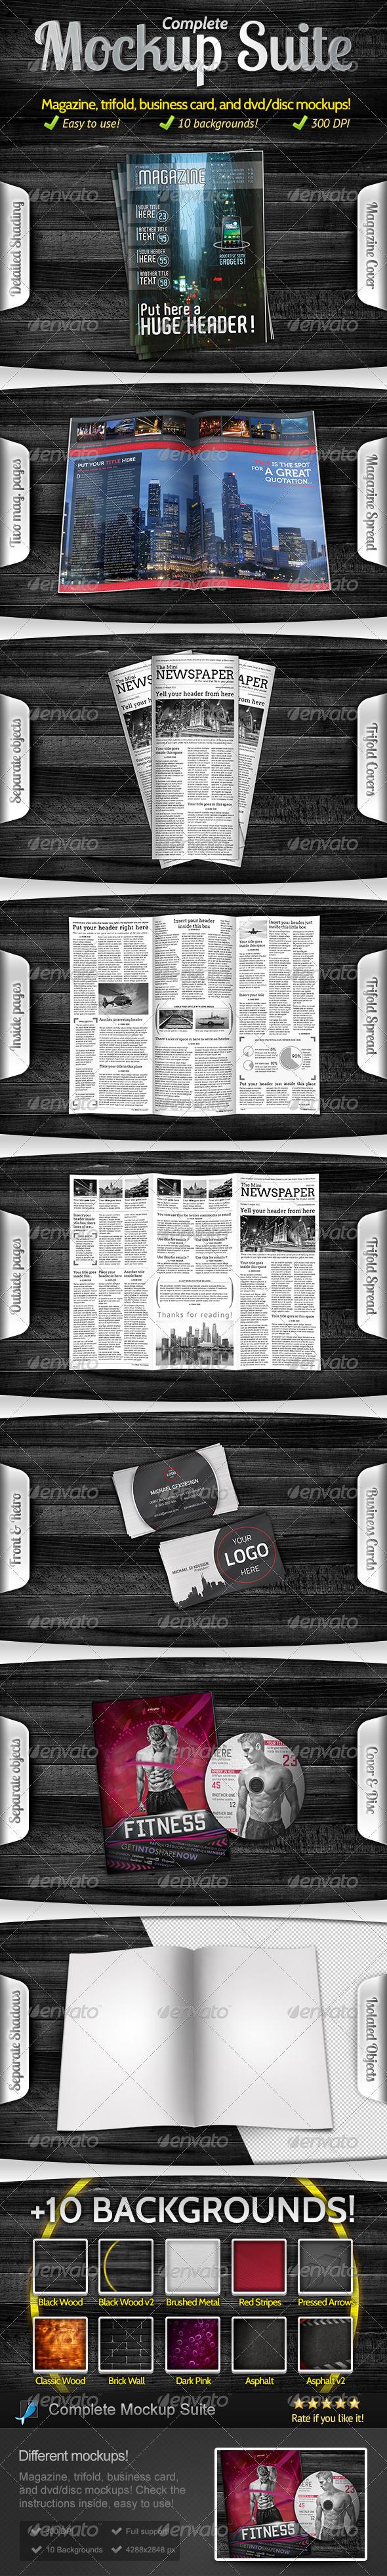 Complete Mockup Suite + 10 Bonus Backgrounds - Miscellaneous Print